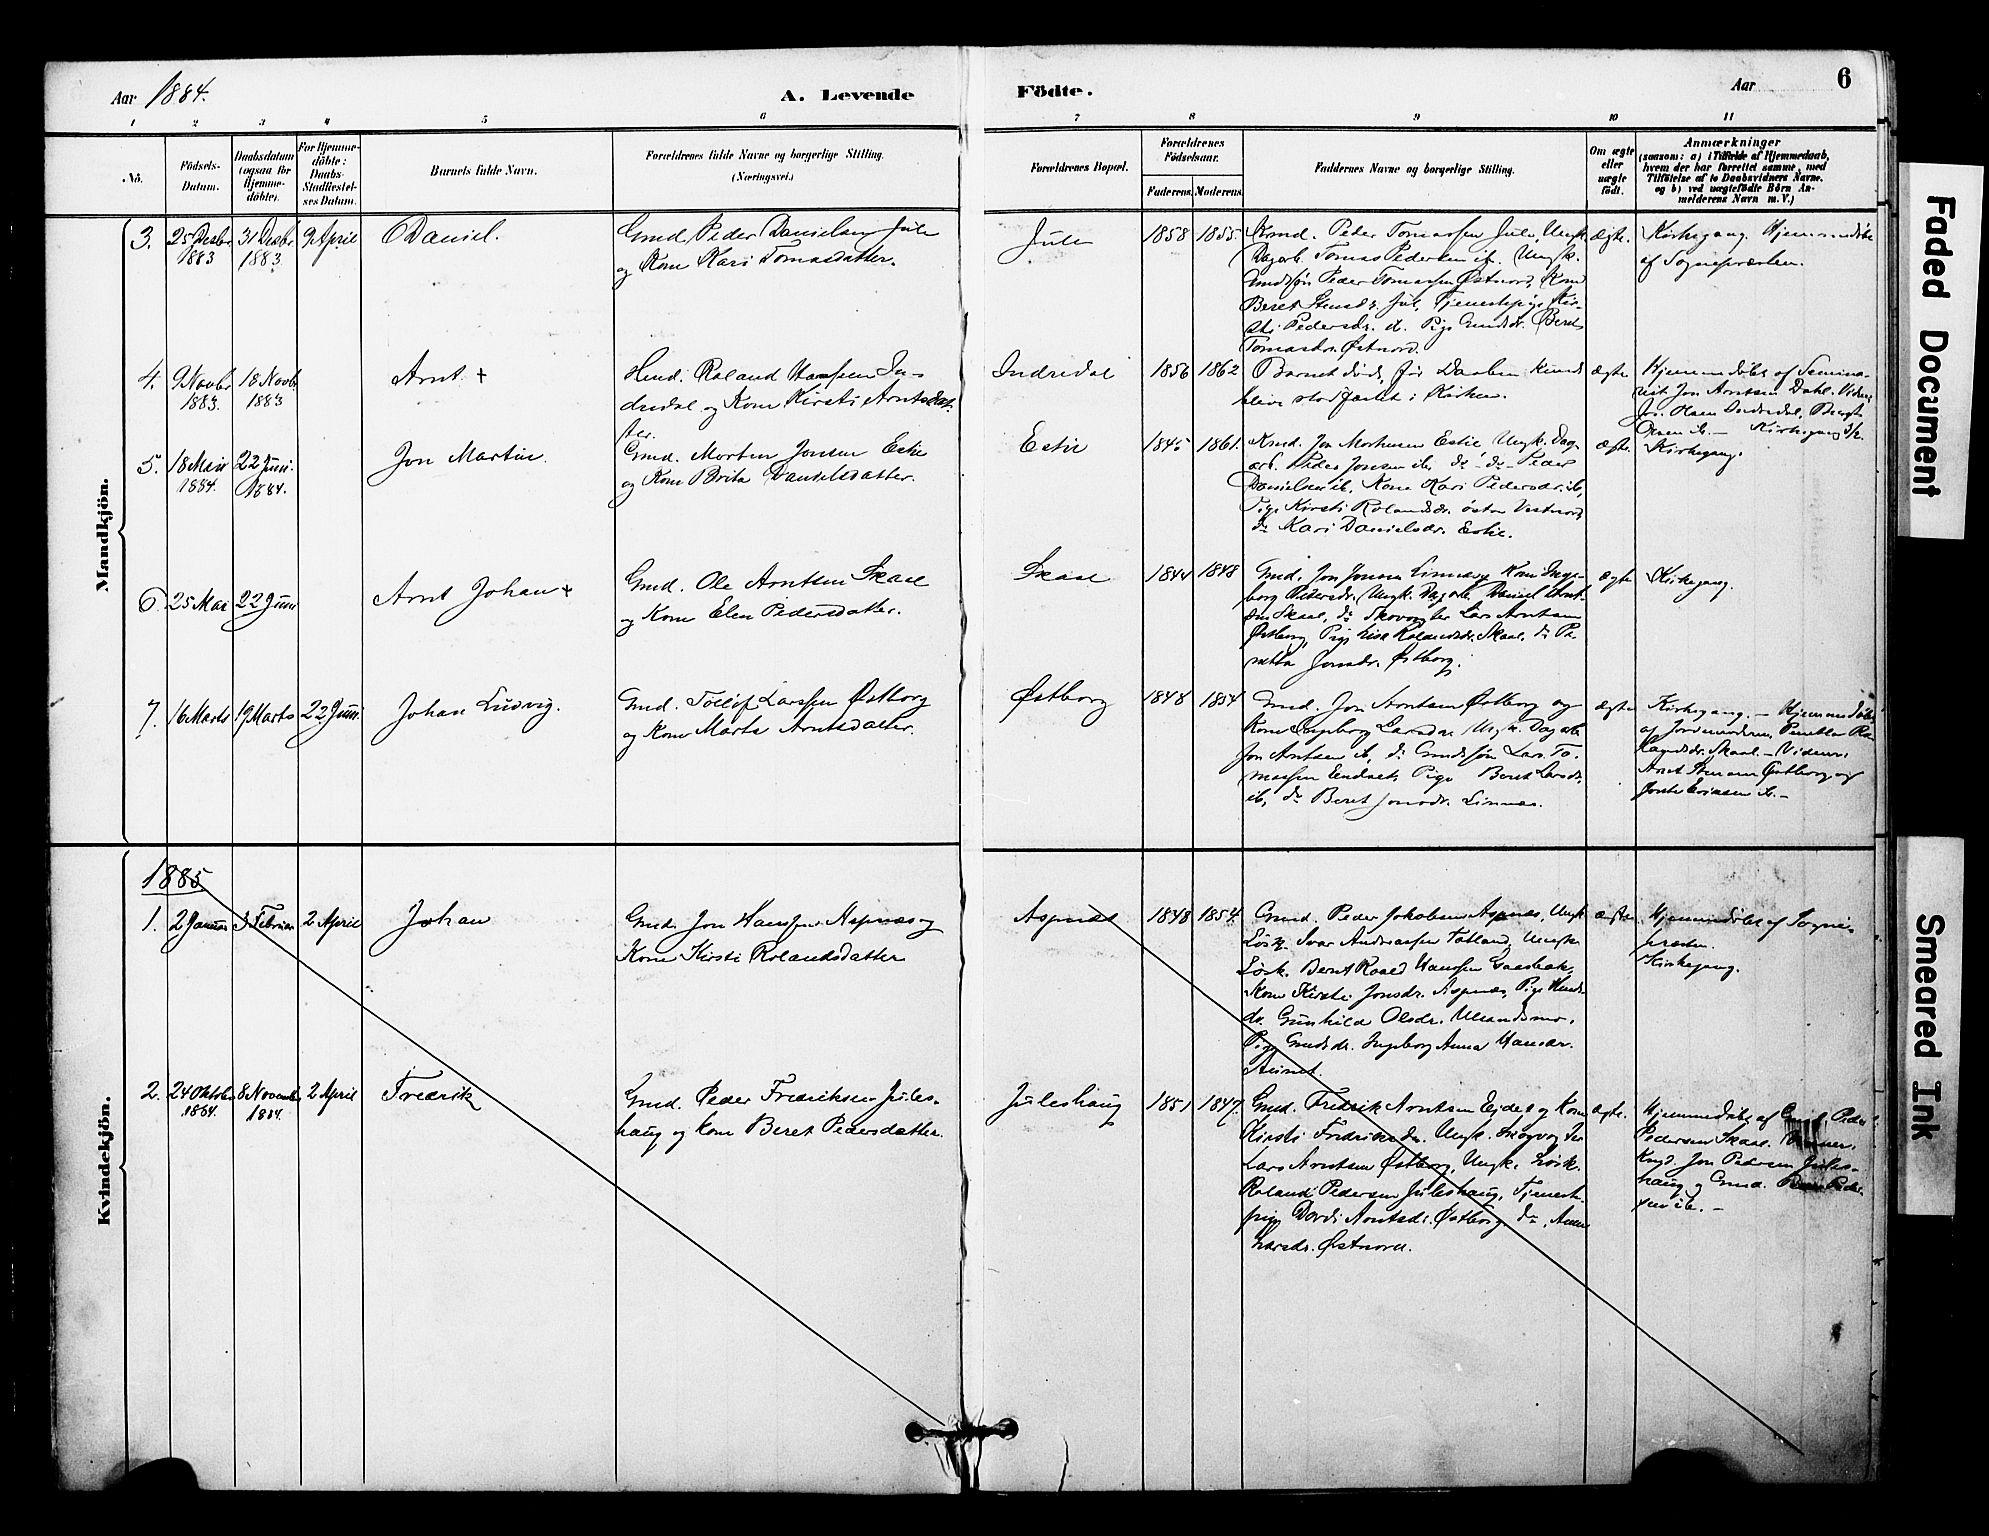 SAT, Ministerialprotokoller, klokkerbøker og fødselsregistre - Nord-Trøndelag, 757/L0505: Ministerialbok nr. 757A01, 1882-1904, s. 6